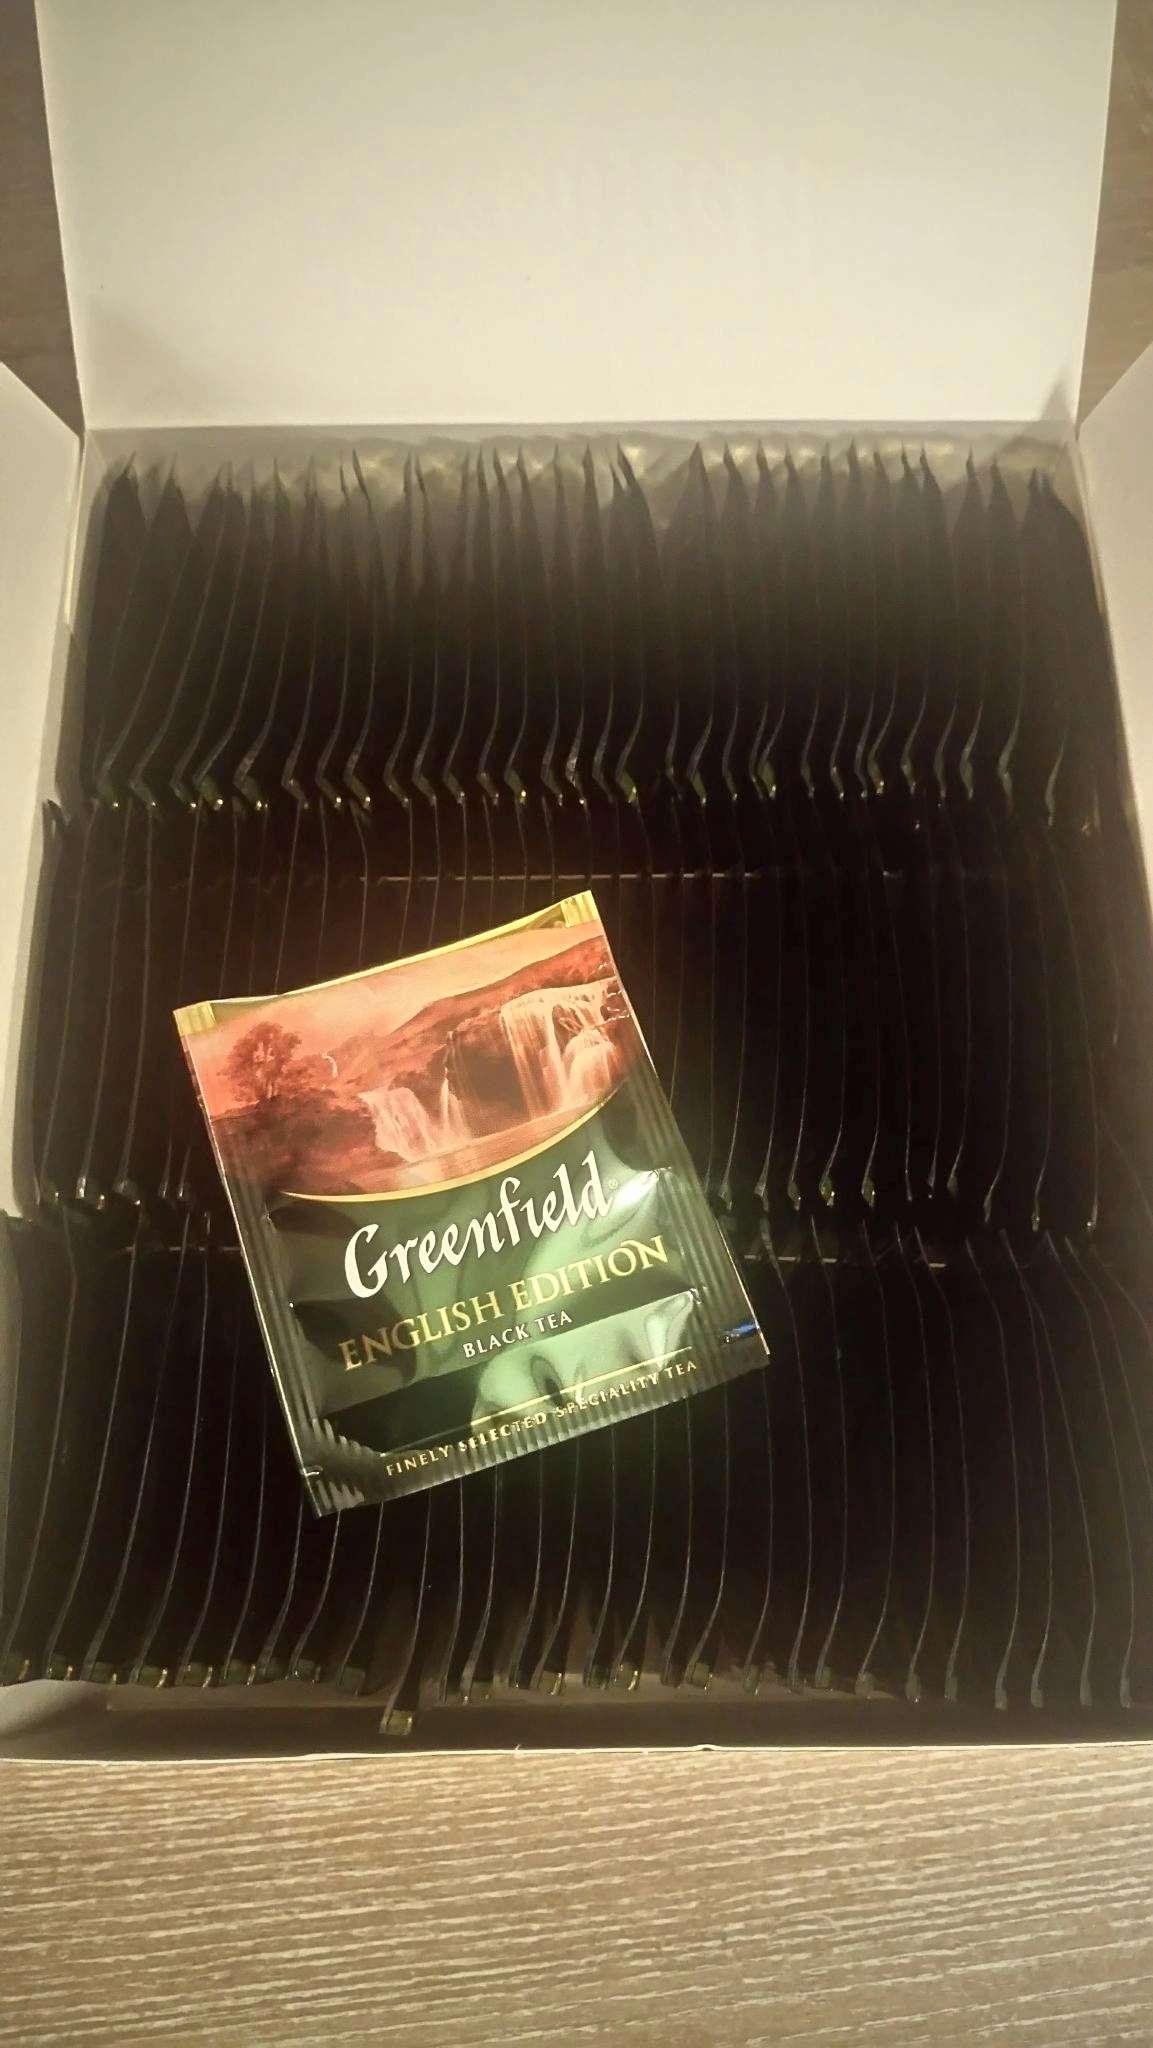 Чай черный классический English Edition 100пак. по 2гр., термосаше, в пакете Greenfield - фото 2